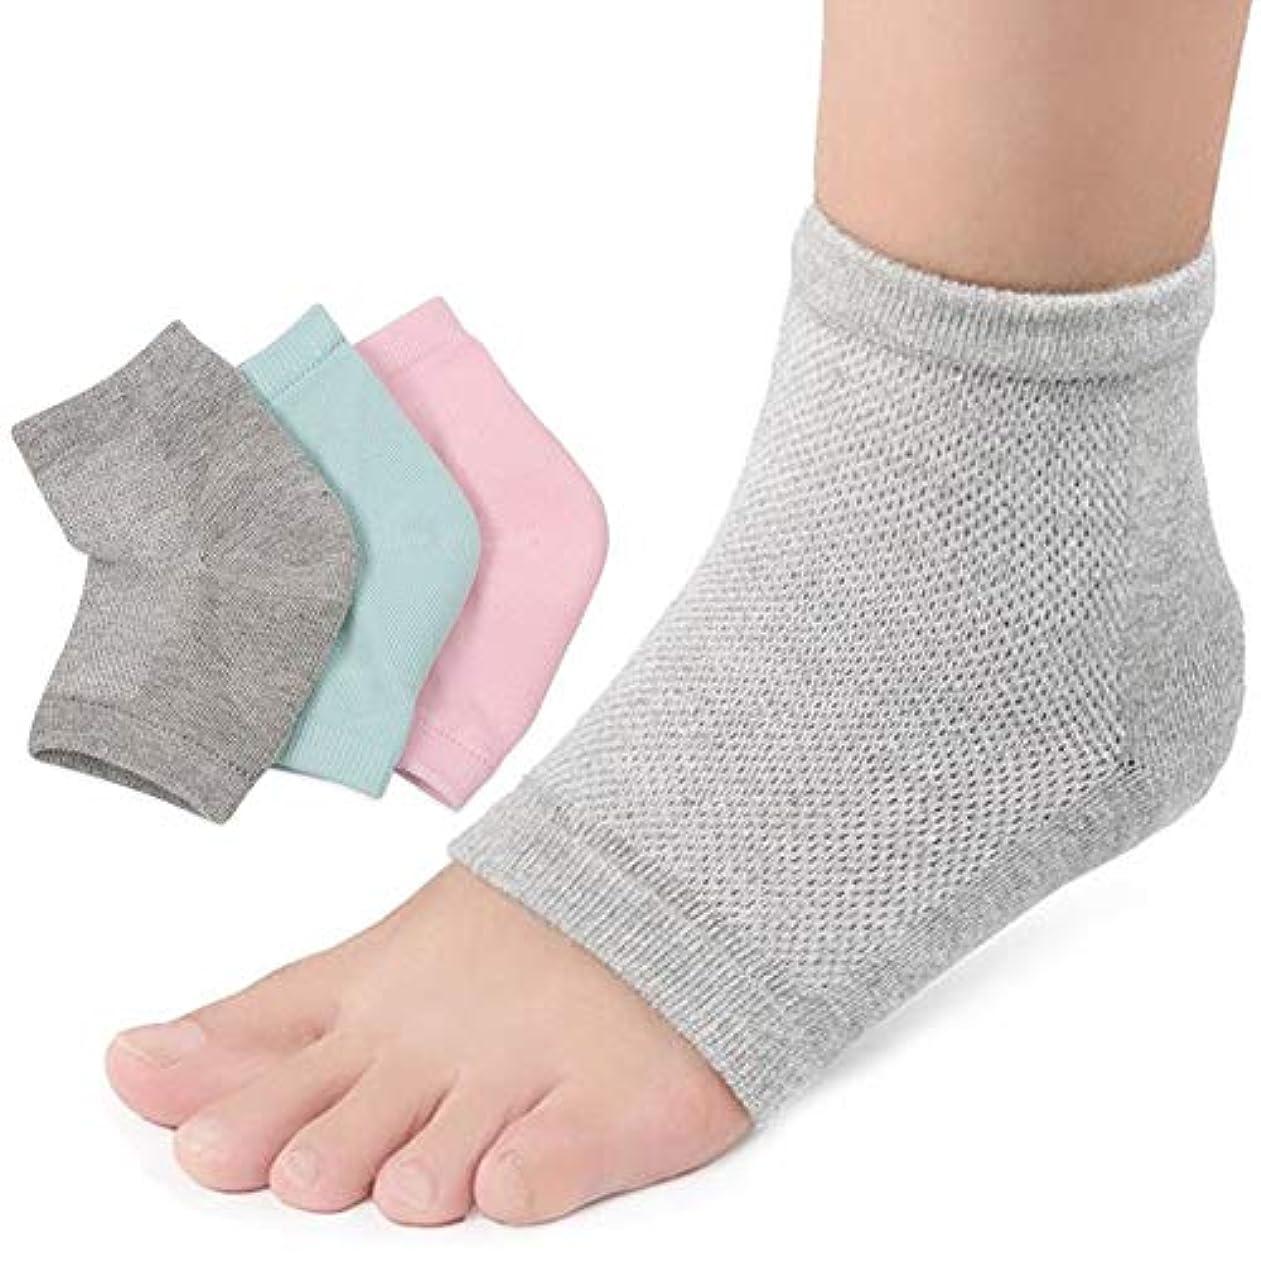 ロイヤリティ小麦堂々たる3足セットかかと 靴下 かかとケア つるつる ジェル 靴下 角質 ケア 保湿 美容 角質除去足ケア 男女兼用